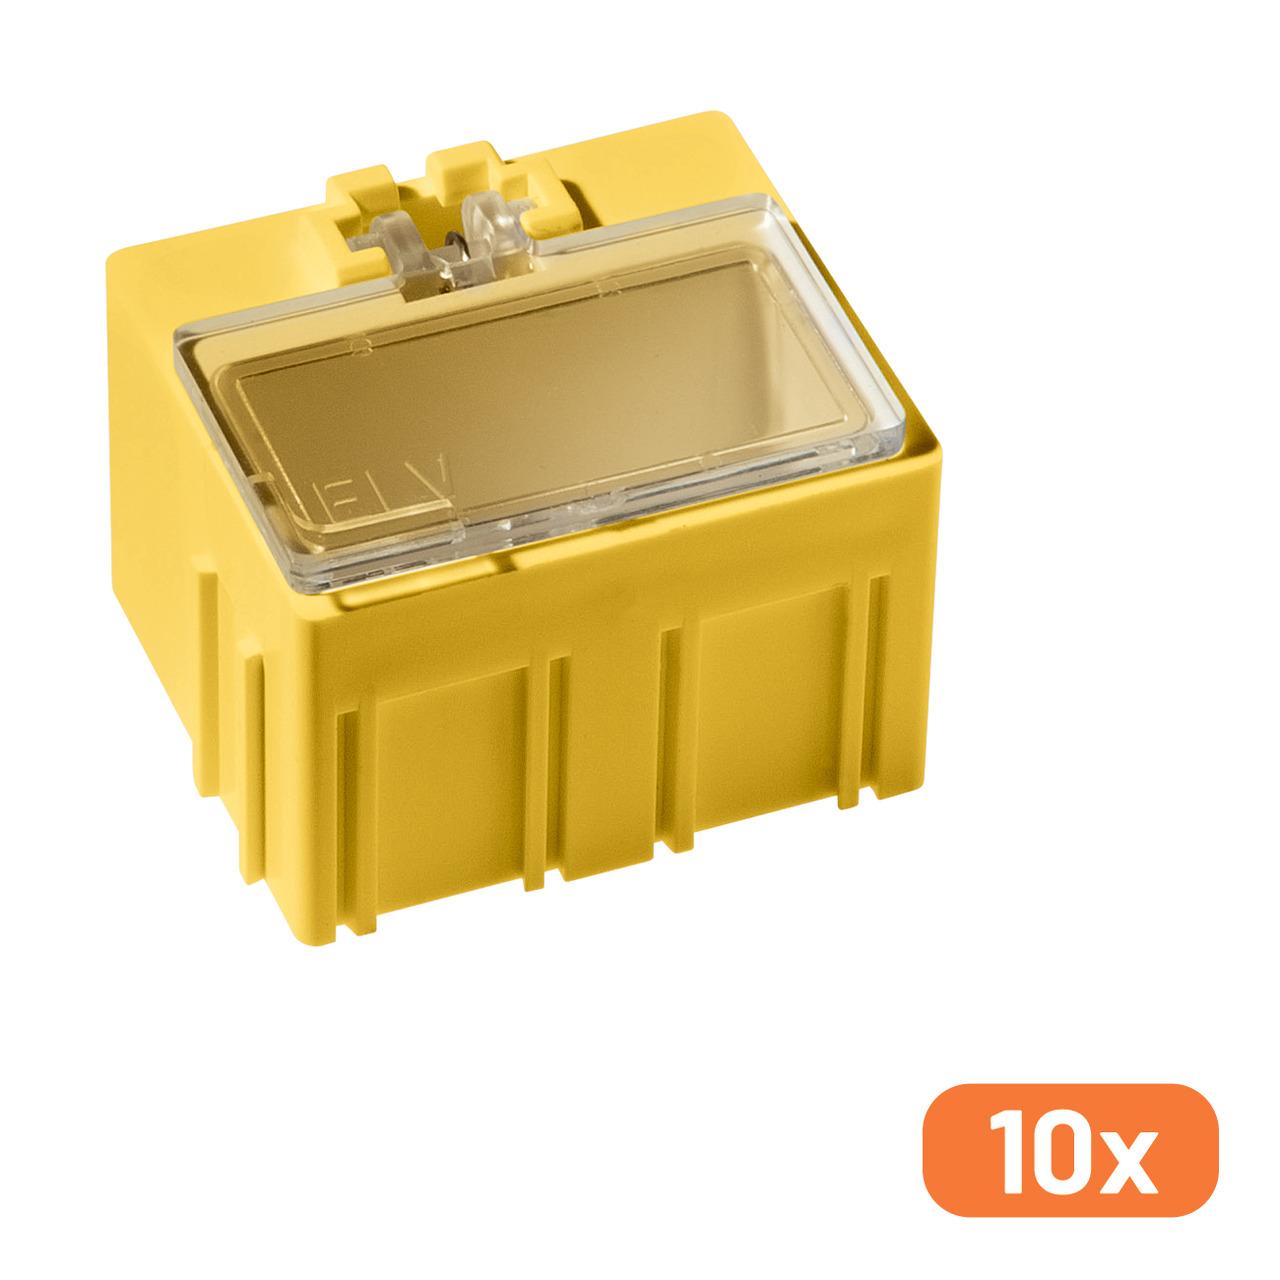 ELV 10er-Set SMD-Sortierbox- Gelb- 23 x 31 x 27 mm